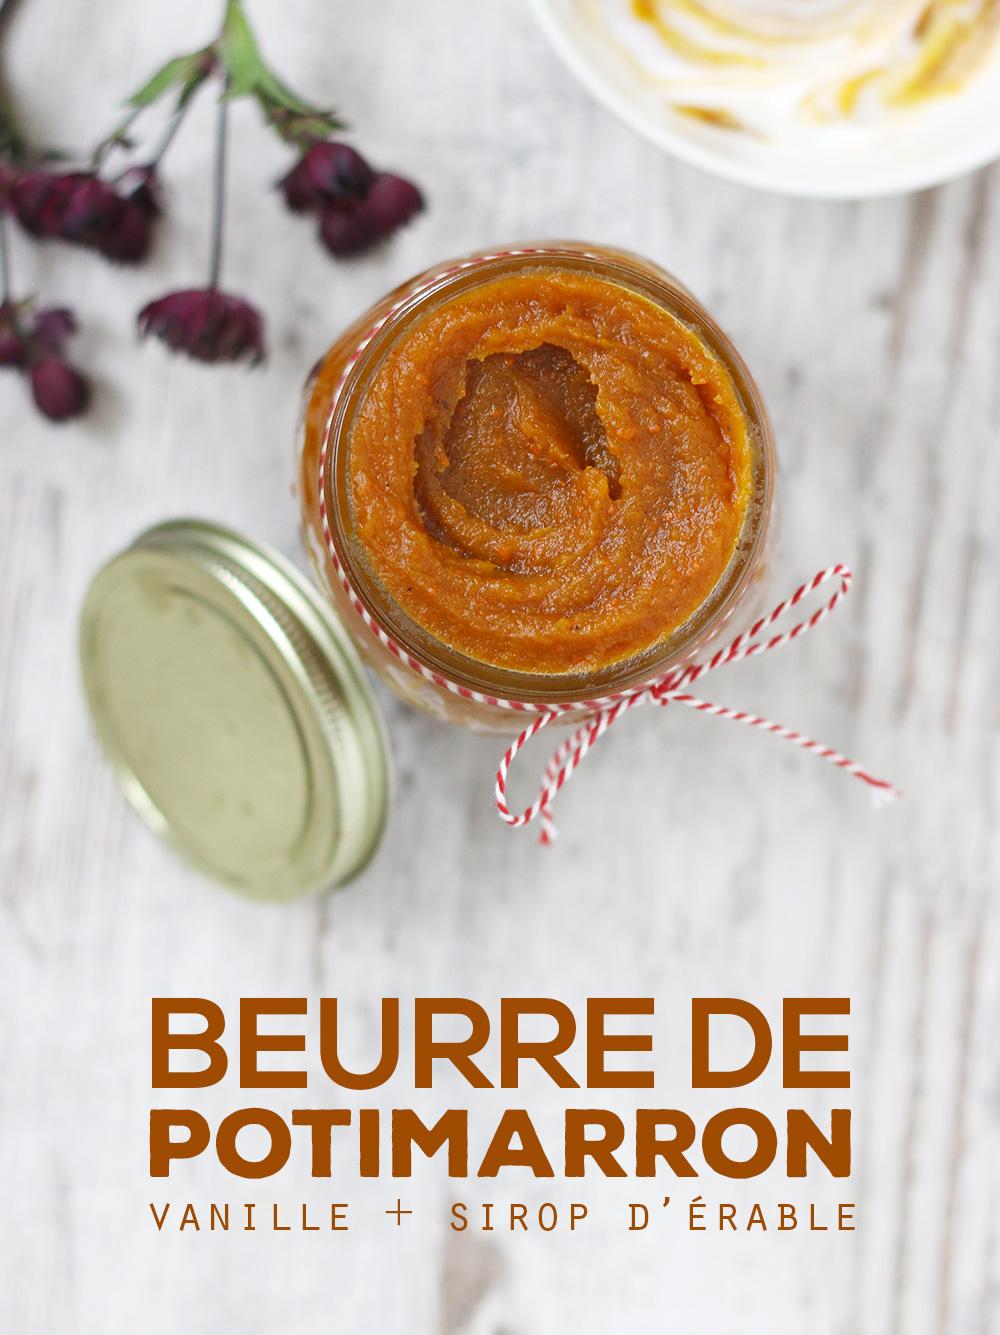 Beurre de potimarron à la vanille & sirop d'érable - Mango & Salt